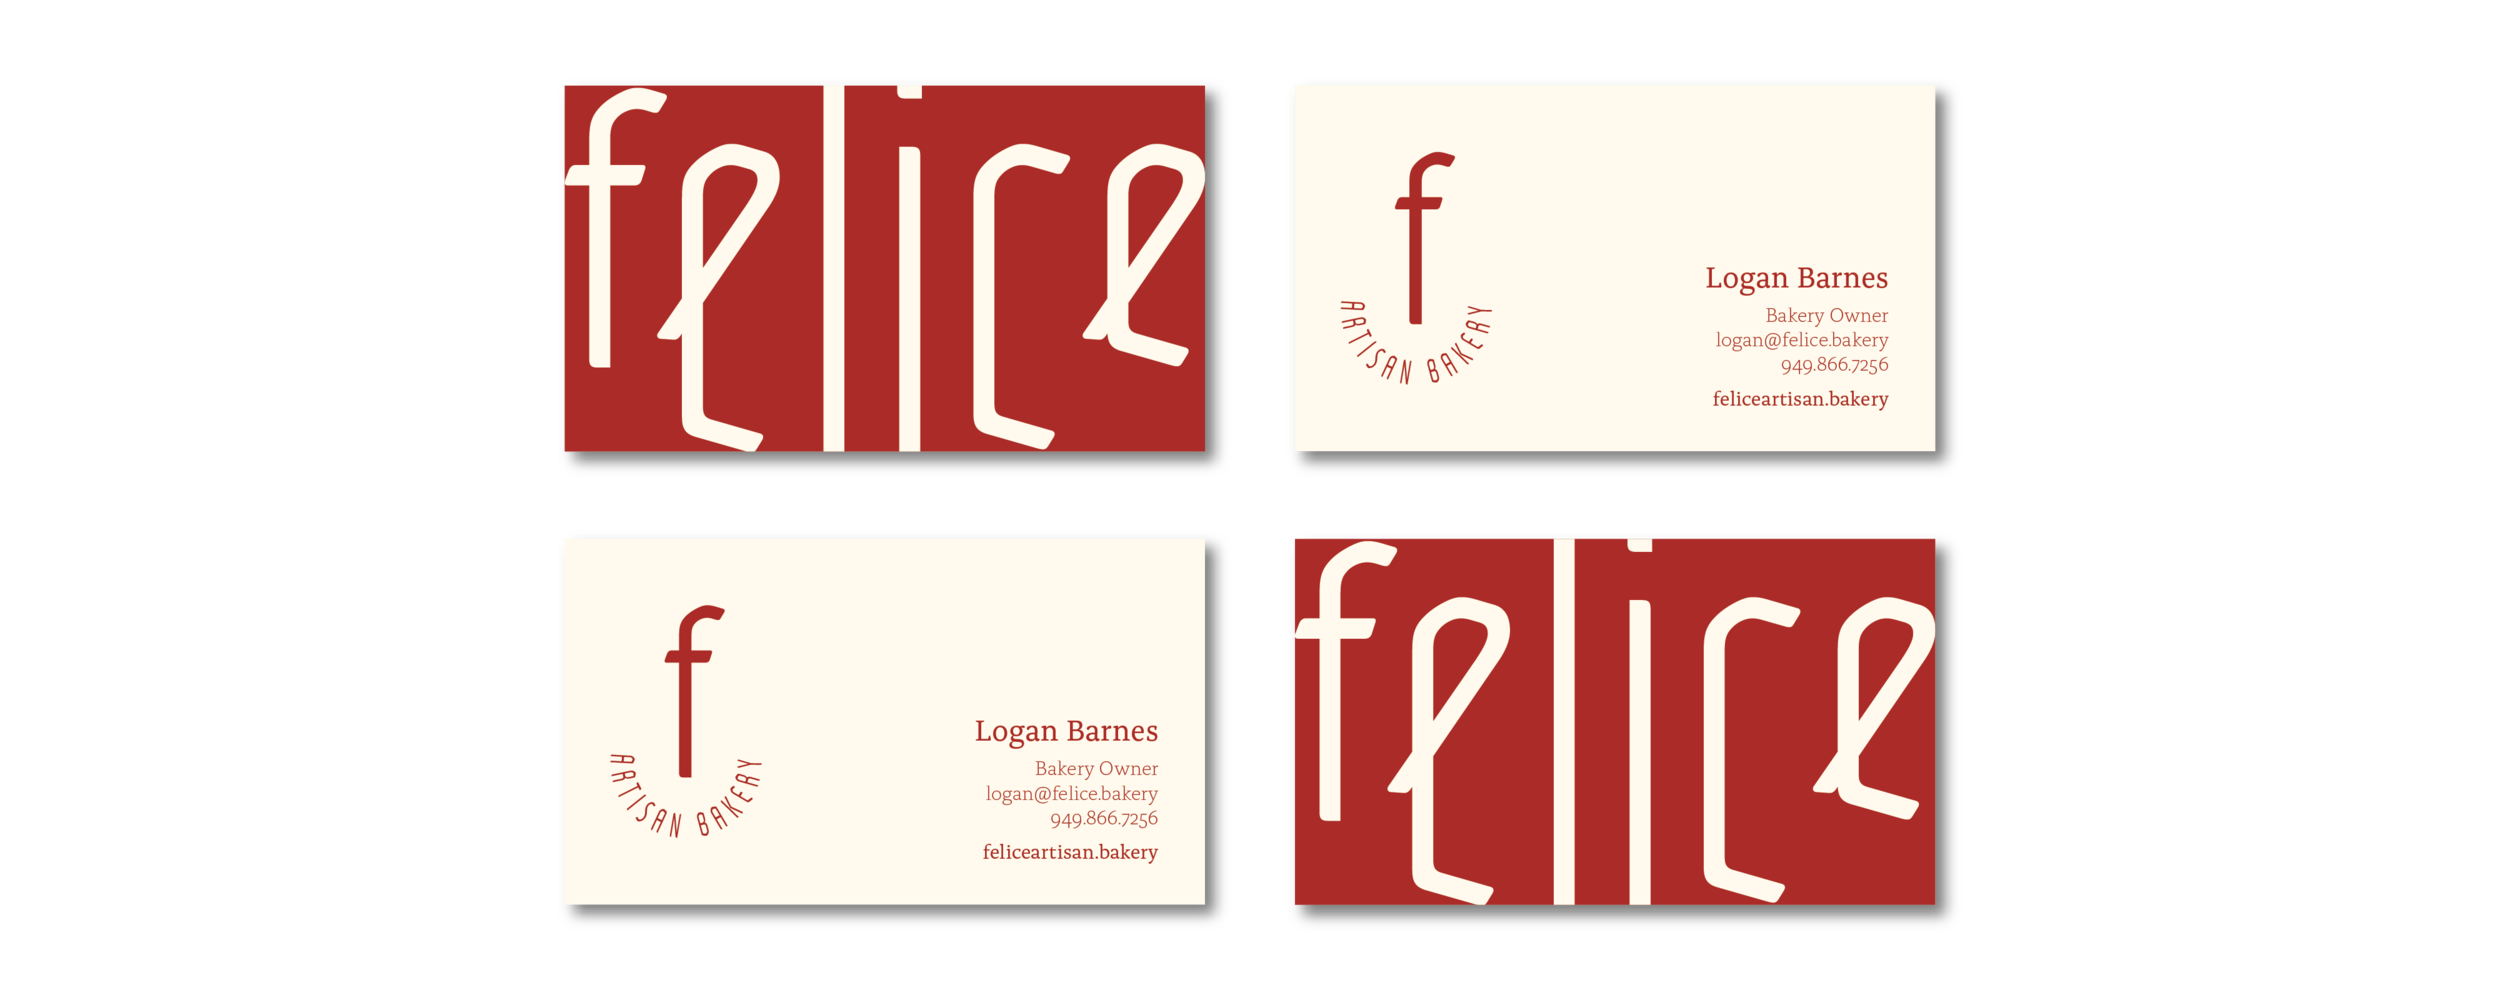 Business Cards for Felice Artisan Bakery.